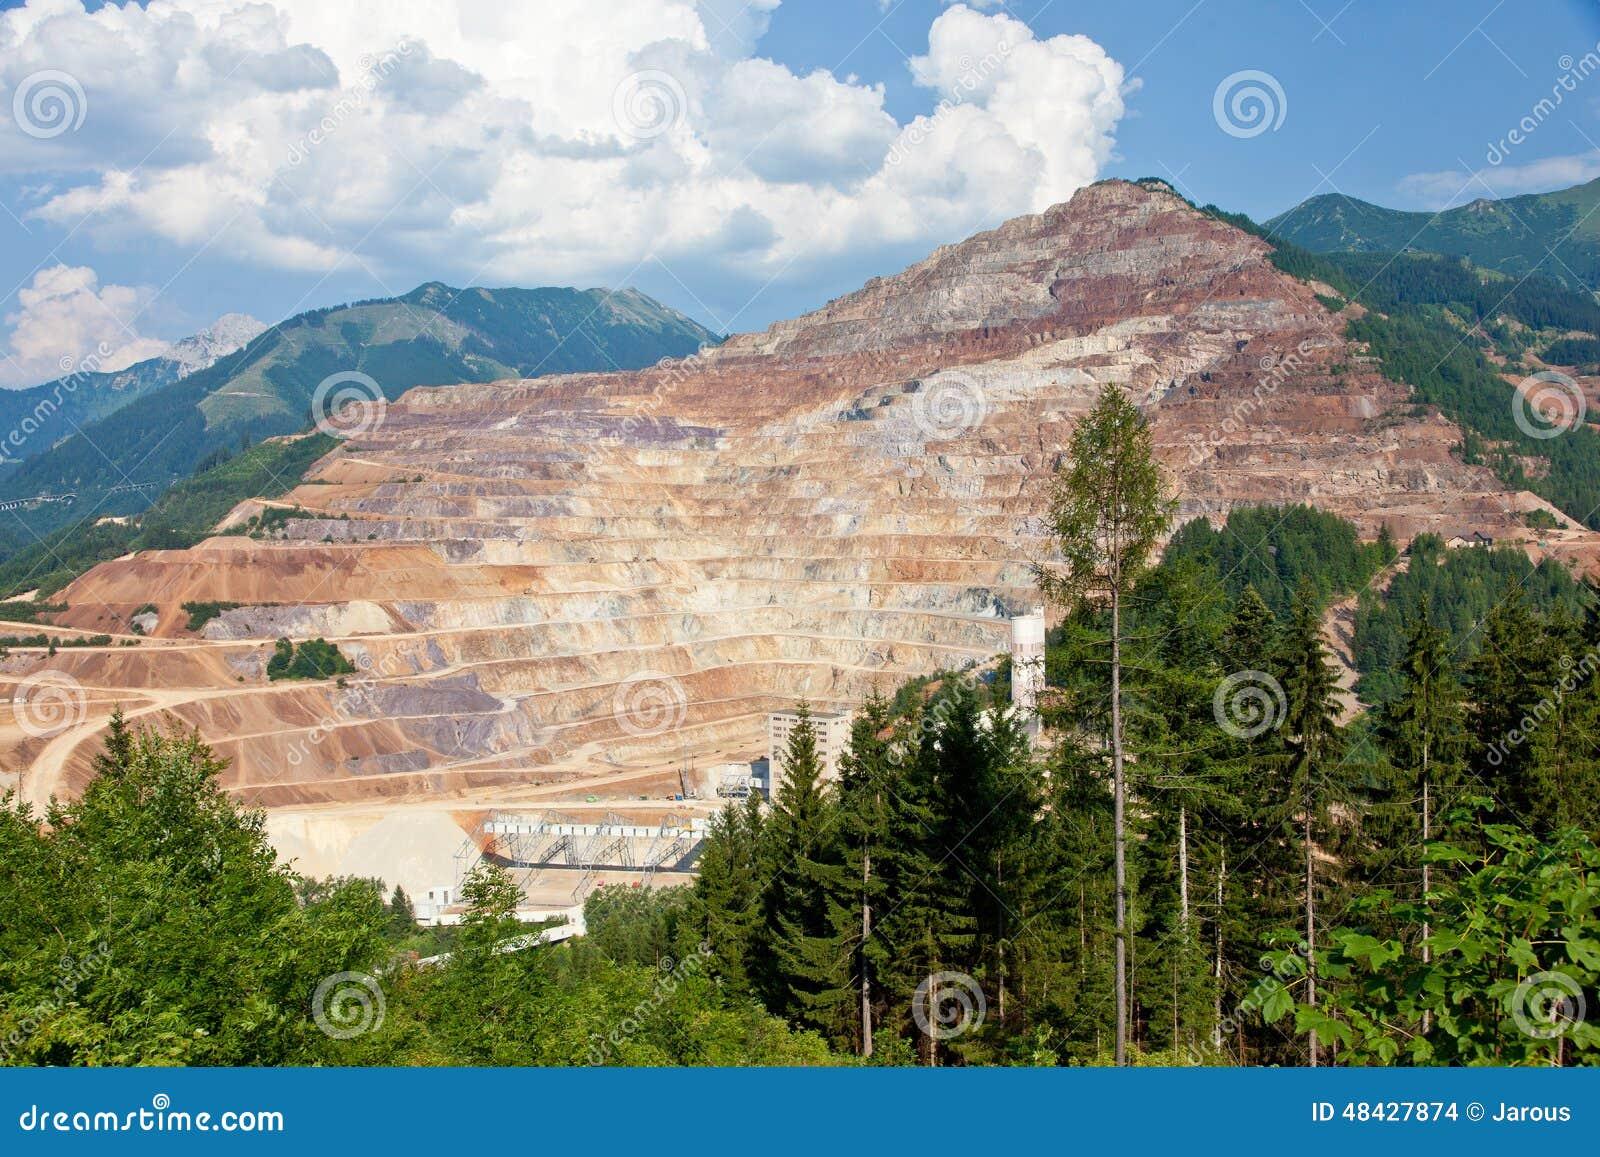 Hoyo abierto de la mina de Erzberg